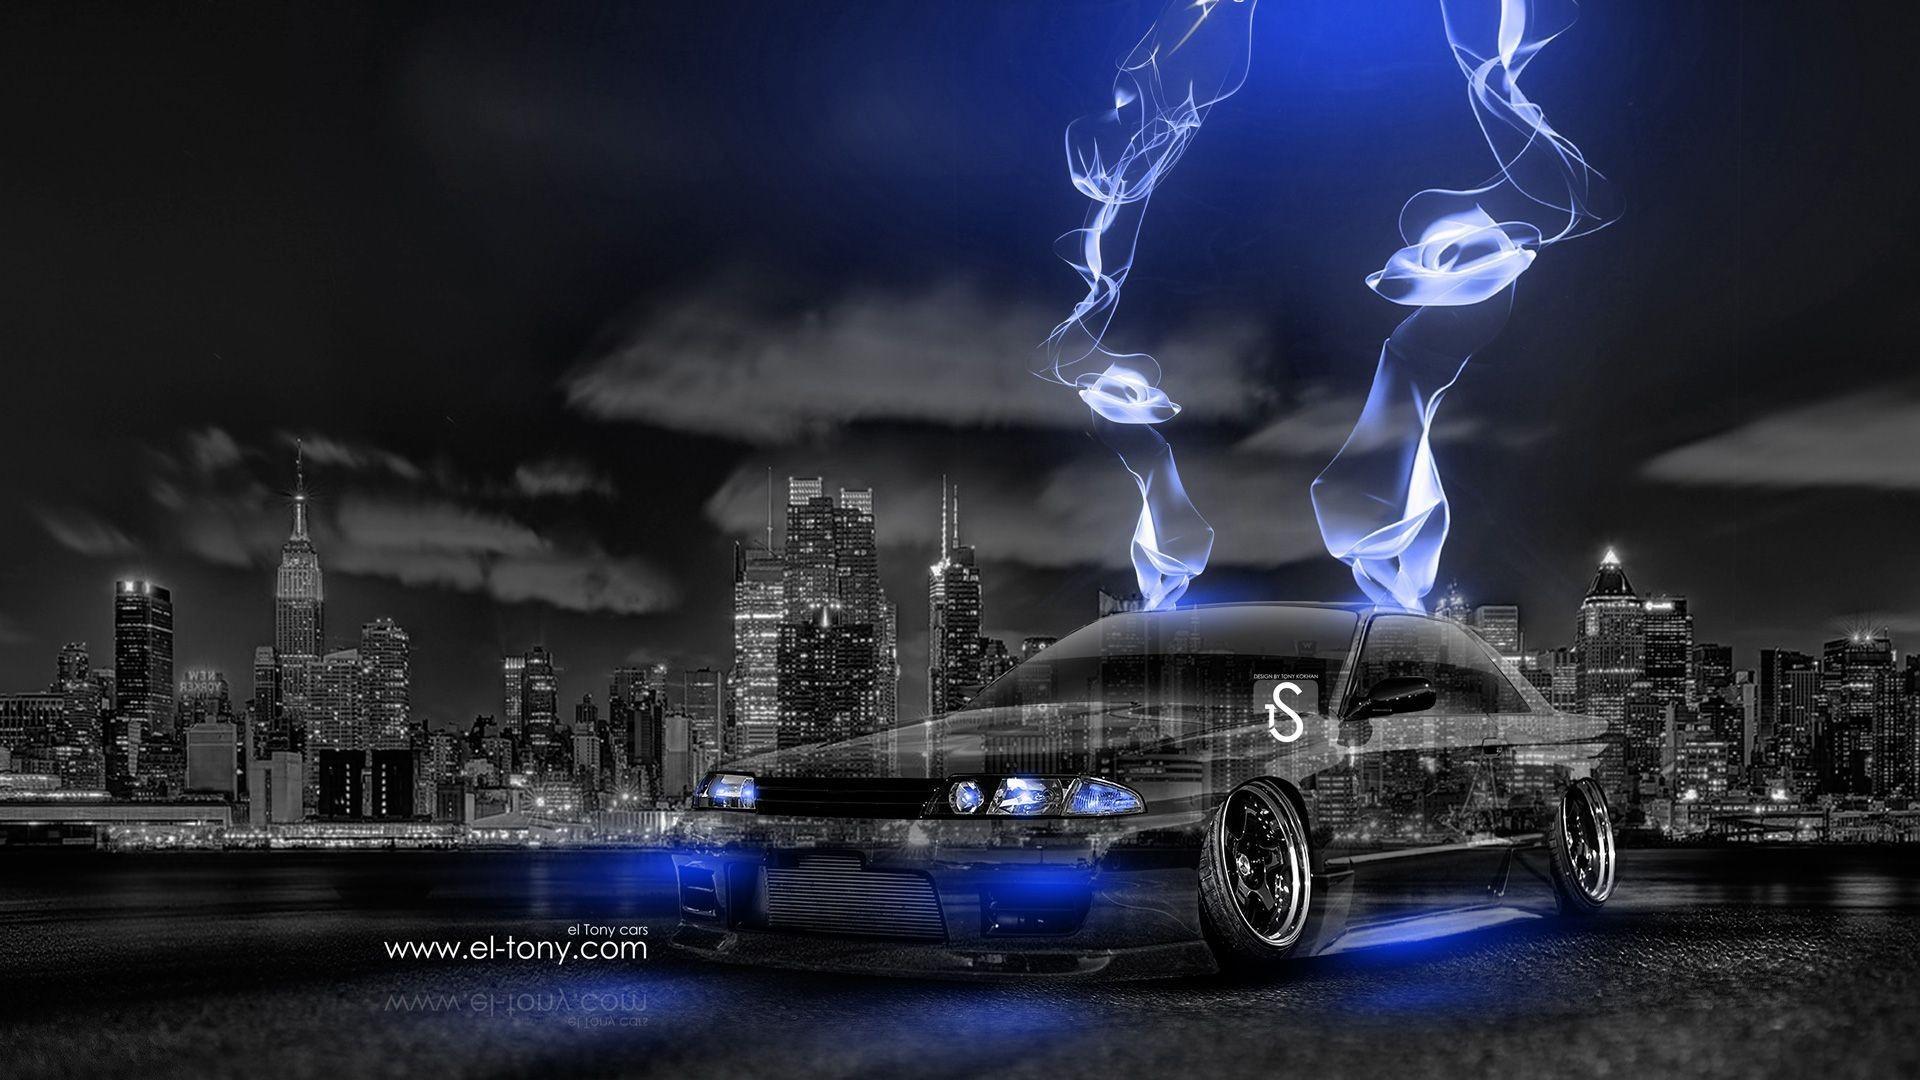 Nissan Skyline GTR R32 Fantasy Sky Energy 2014 Â« el Tony